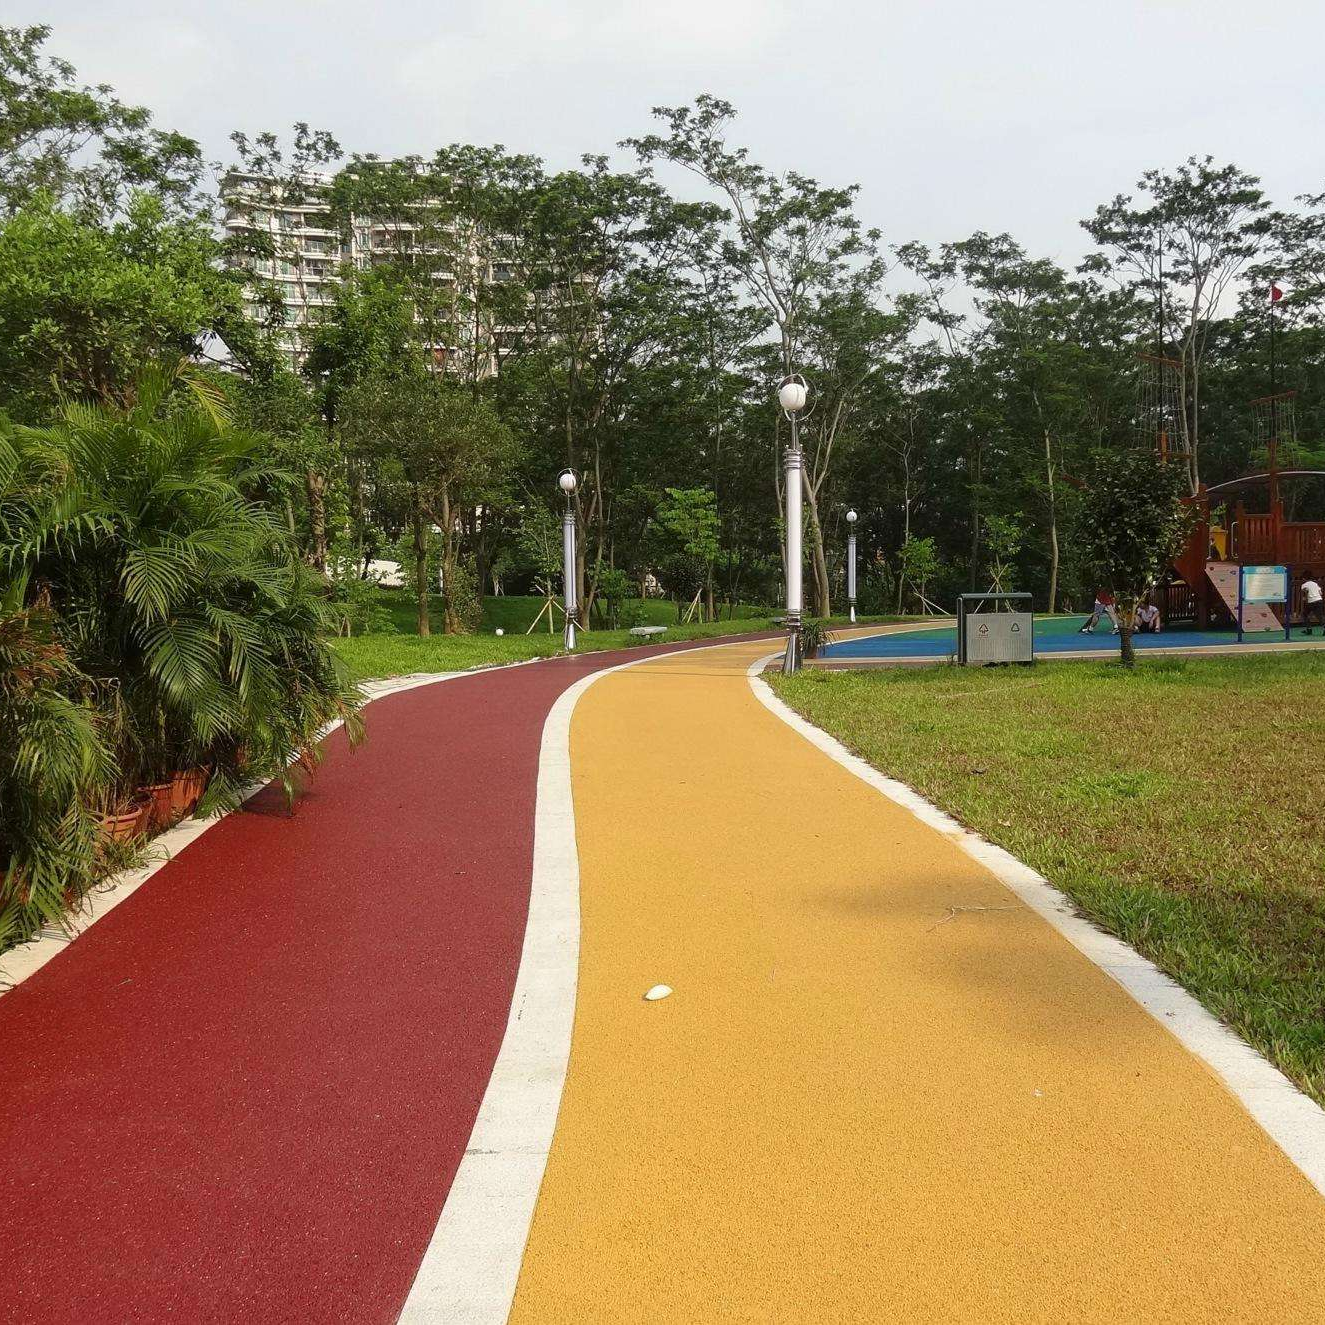 福建厦门彩色透水路面、透水混凝土地坪打造海绵彩色